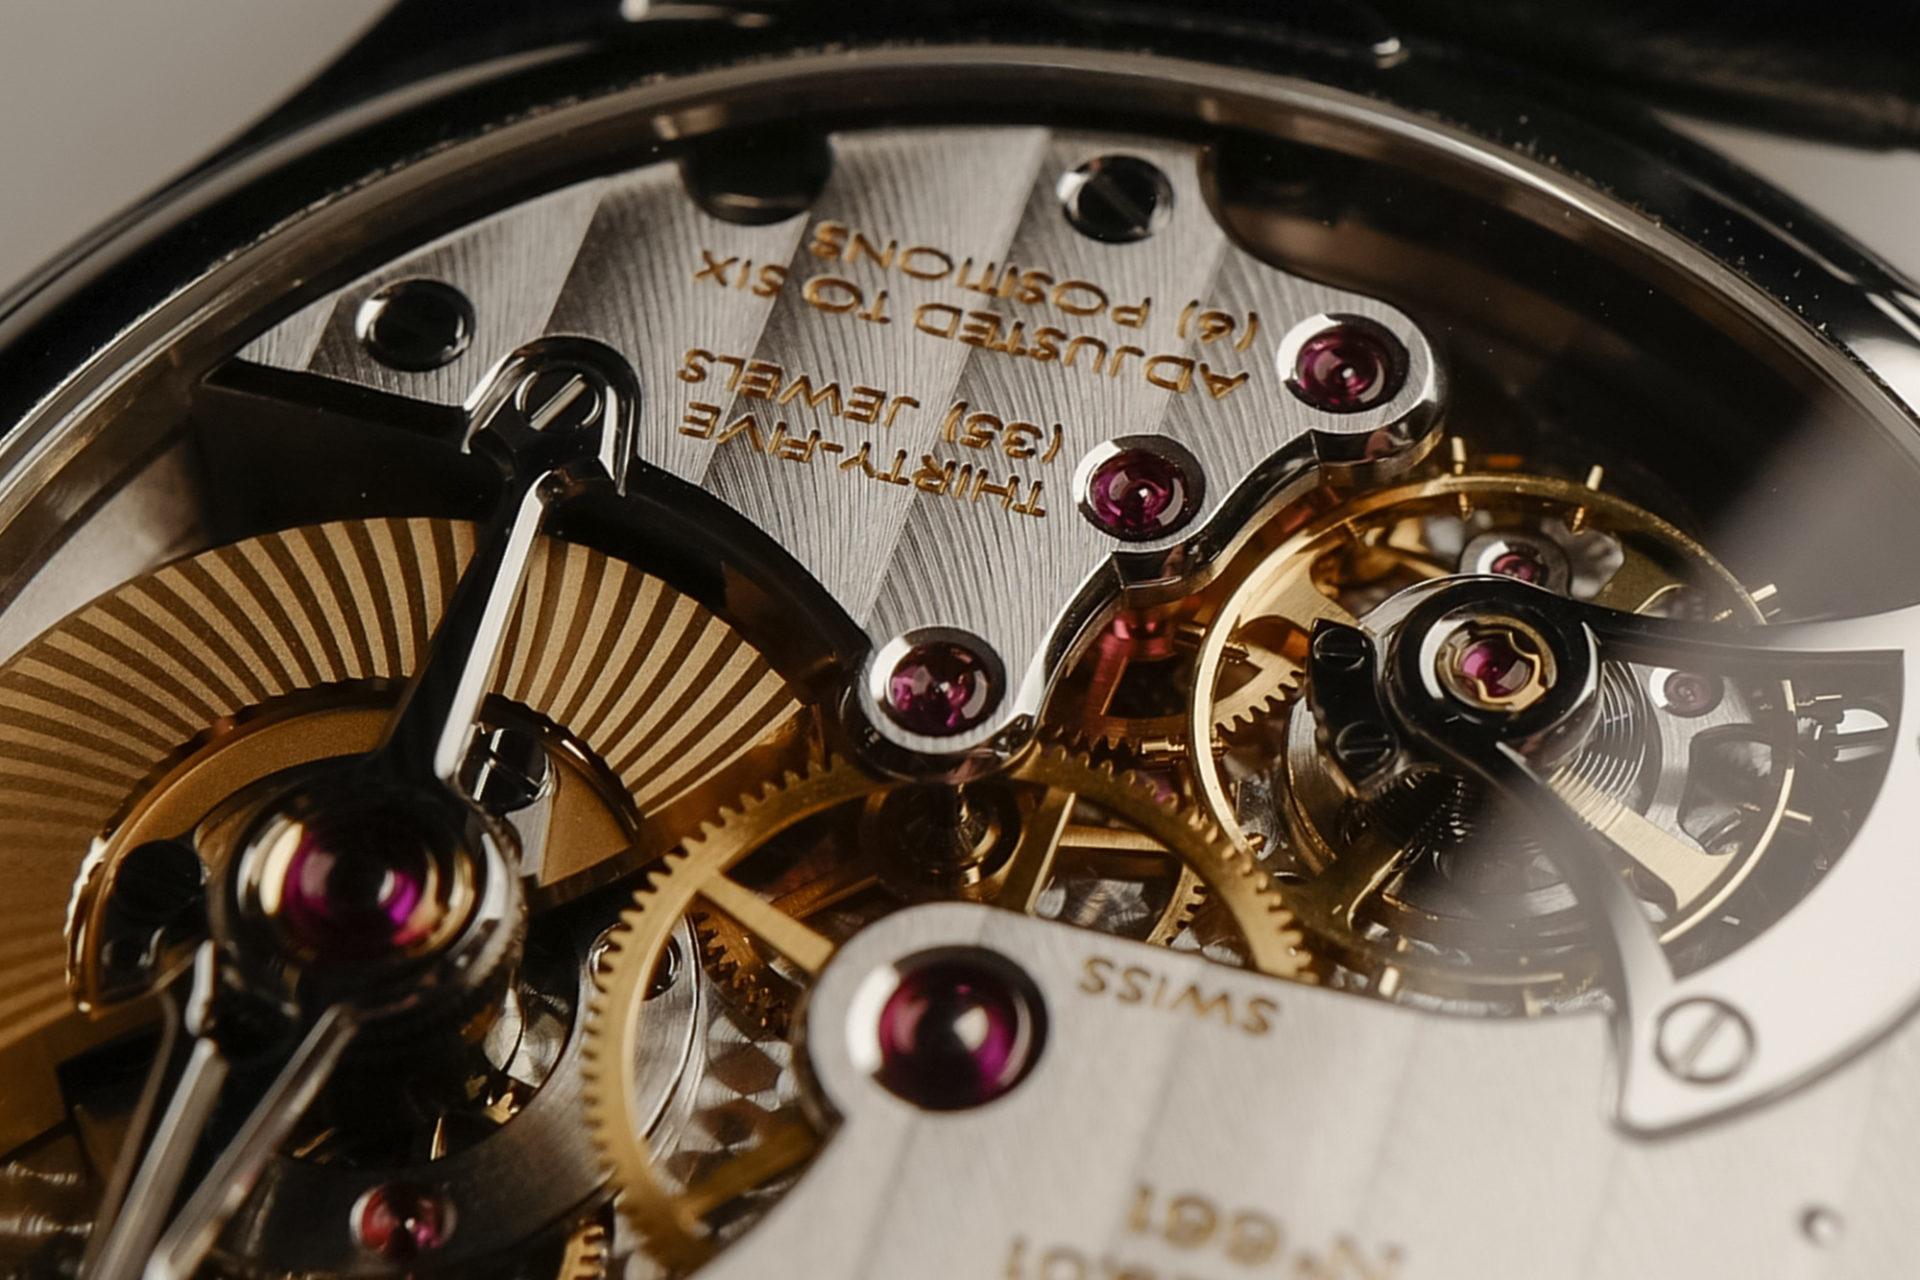 Laurent Ferrier et son mouvement à micro-rotor